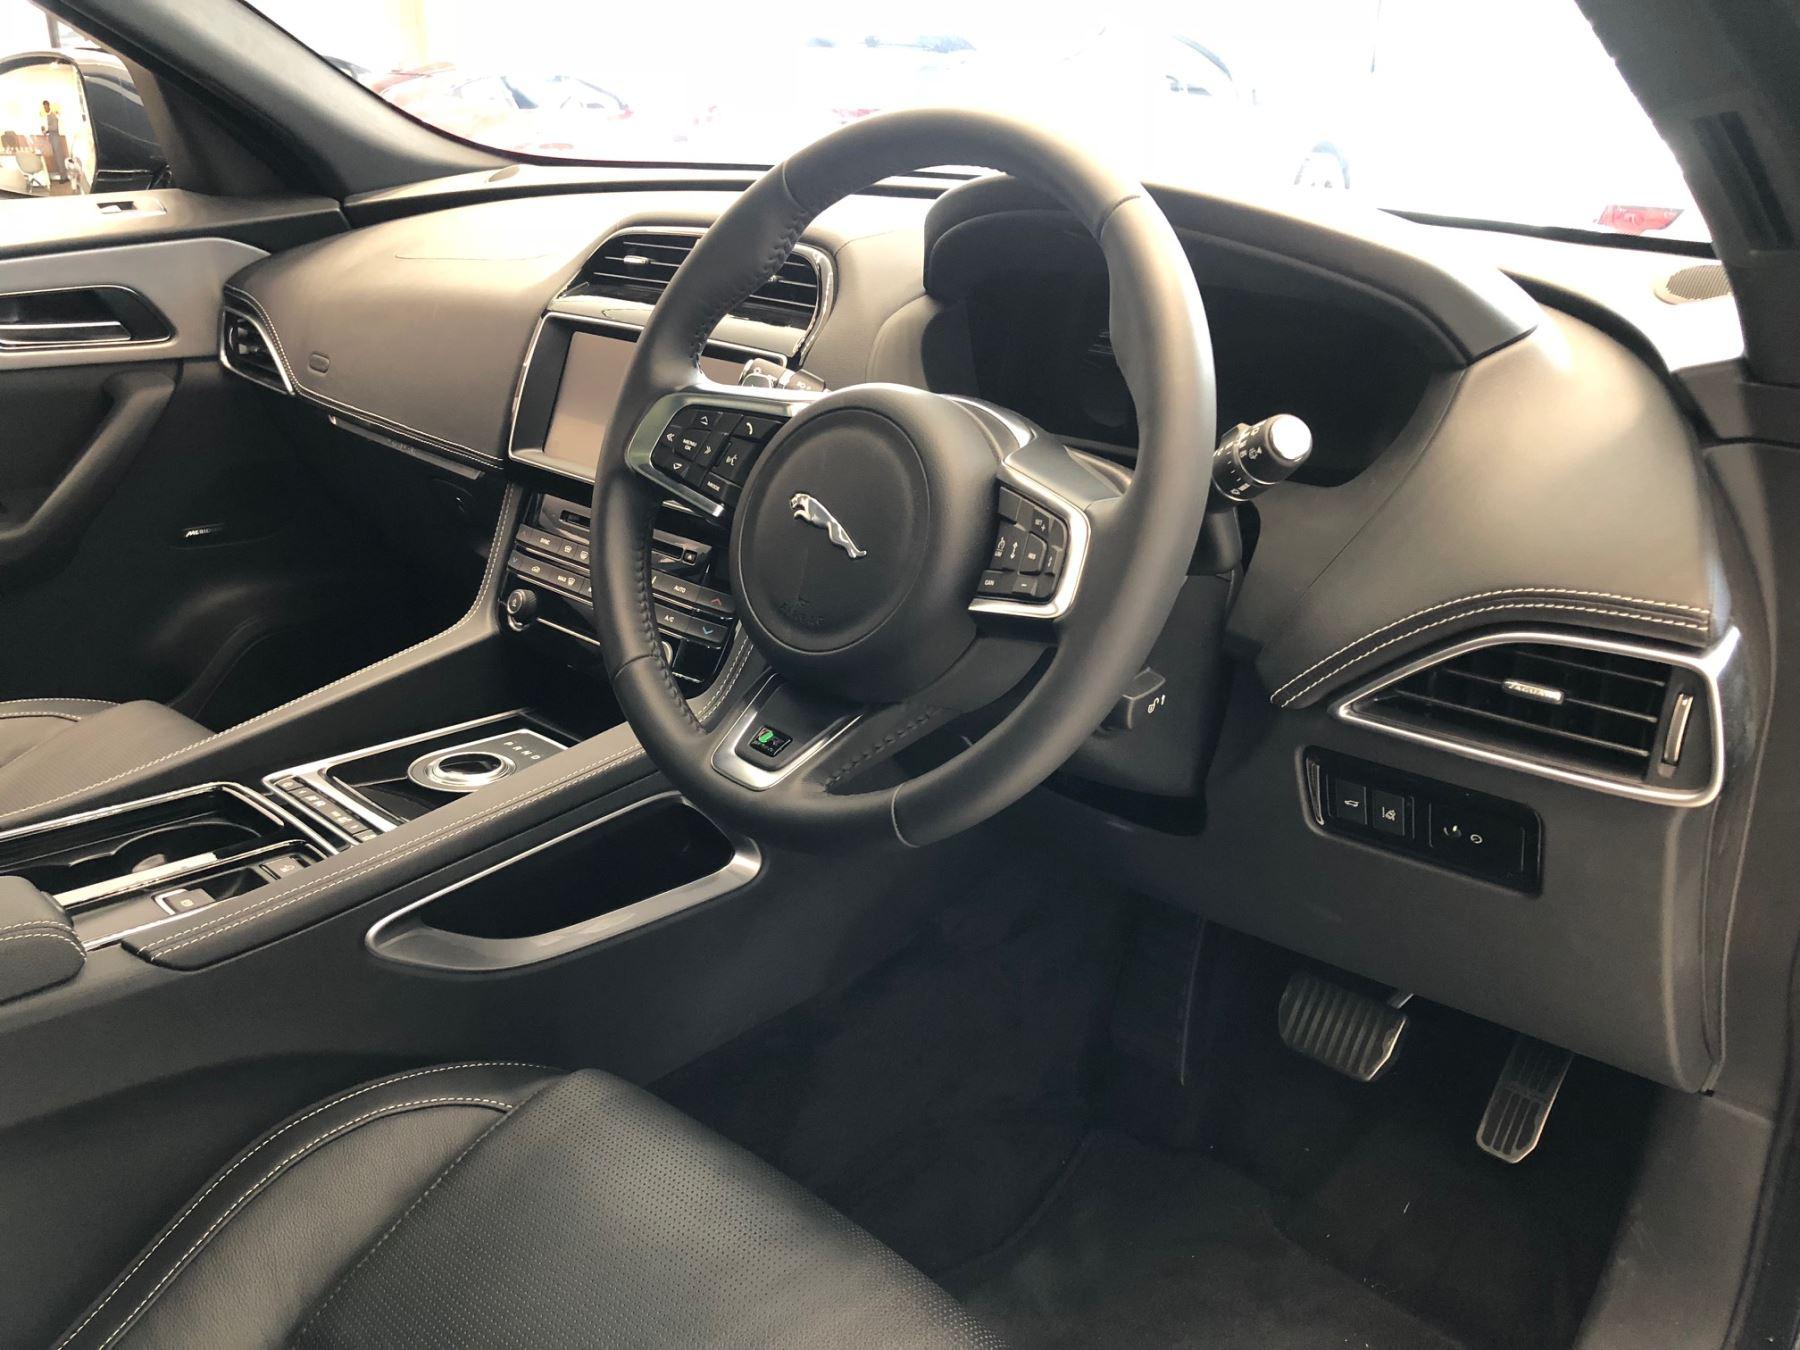 Jaguar F-PACE 2.0d R-Sport AWD image 4